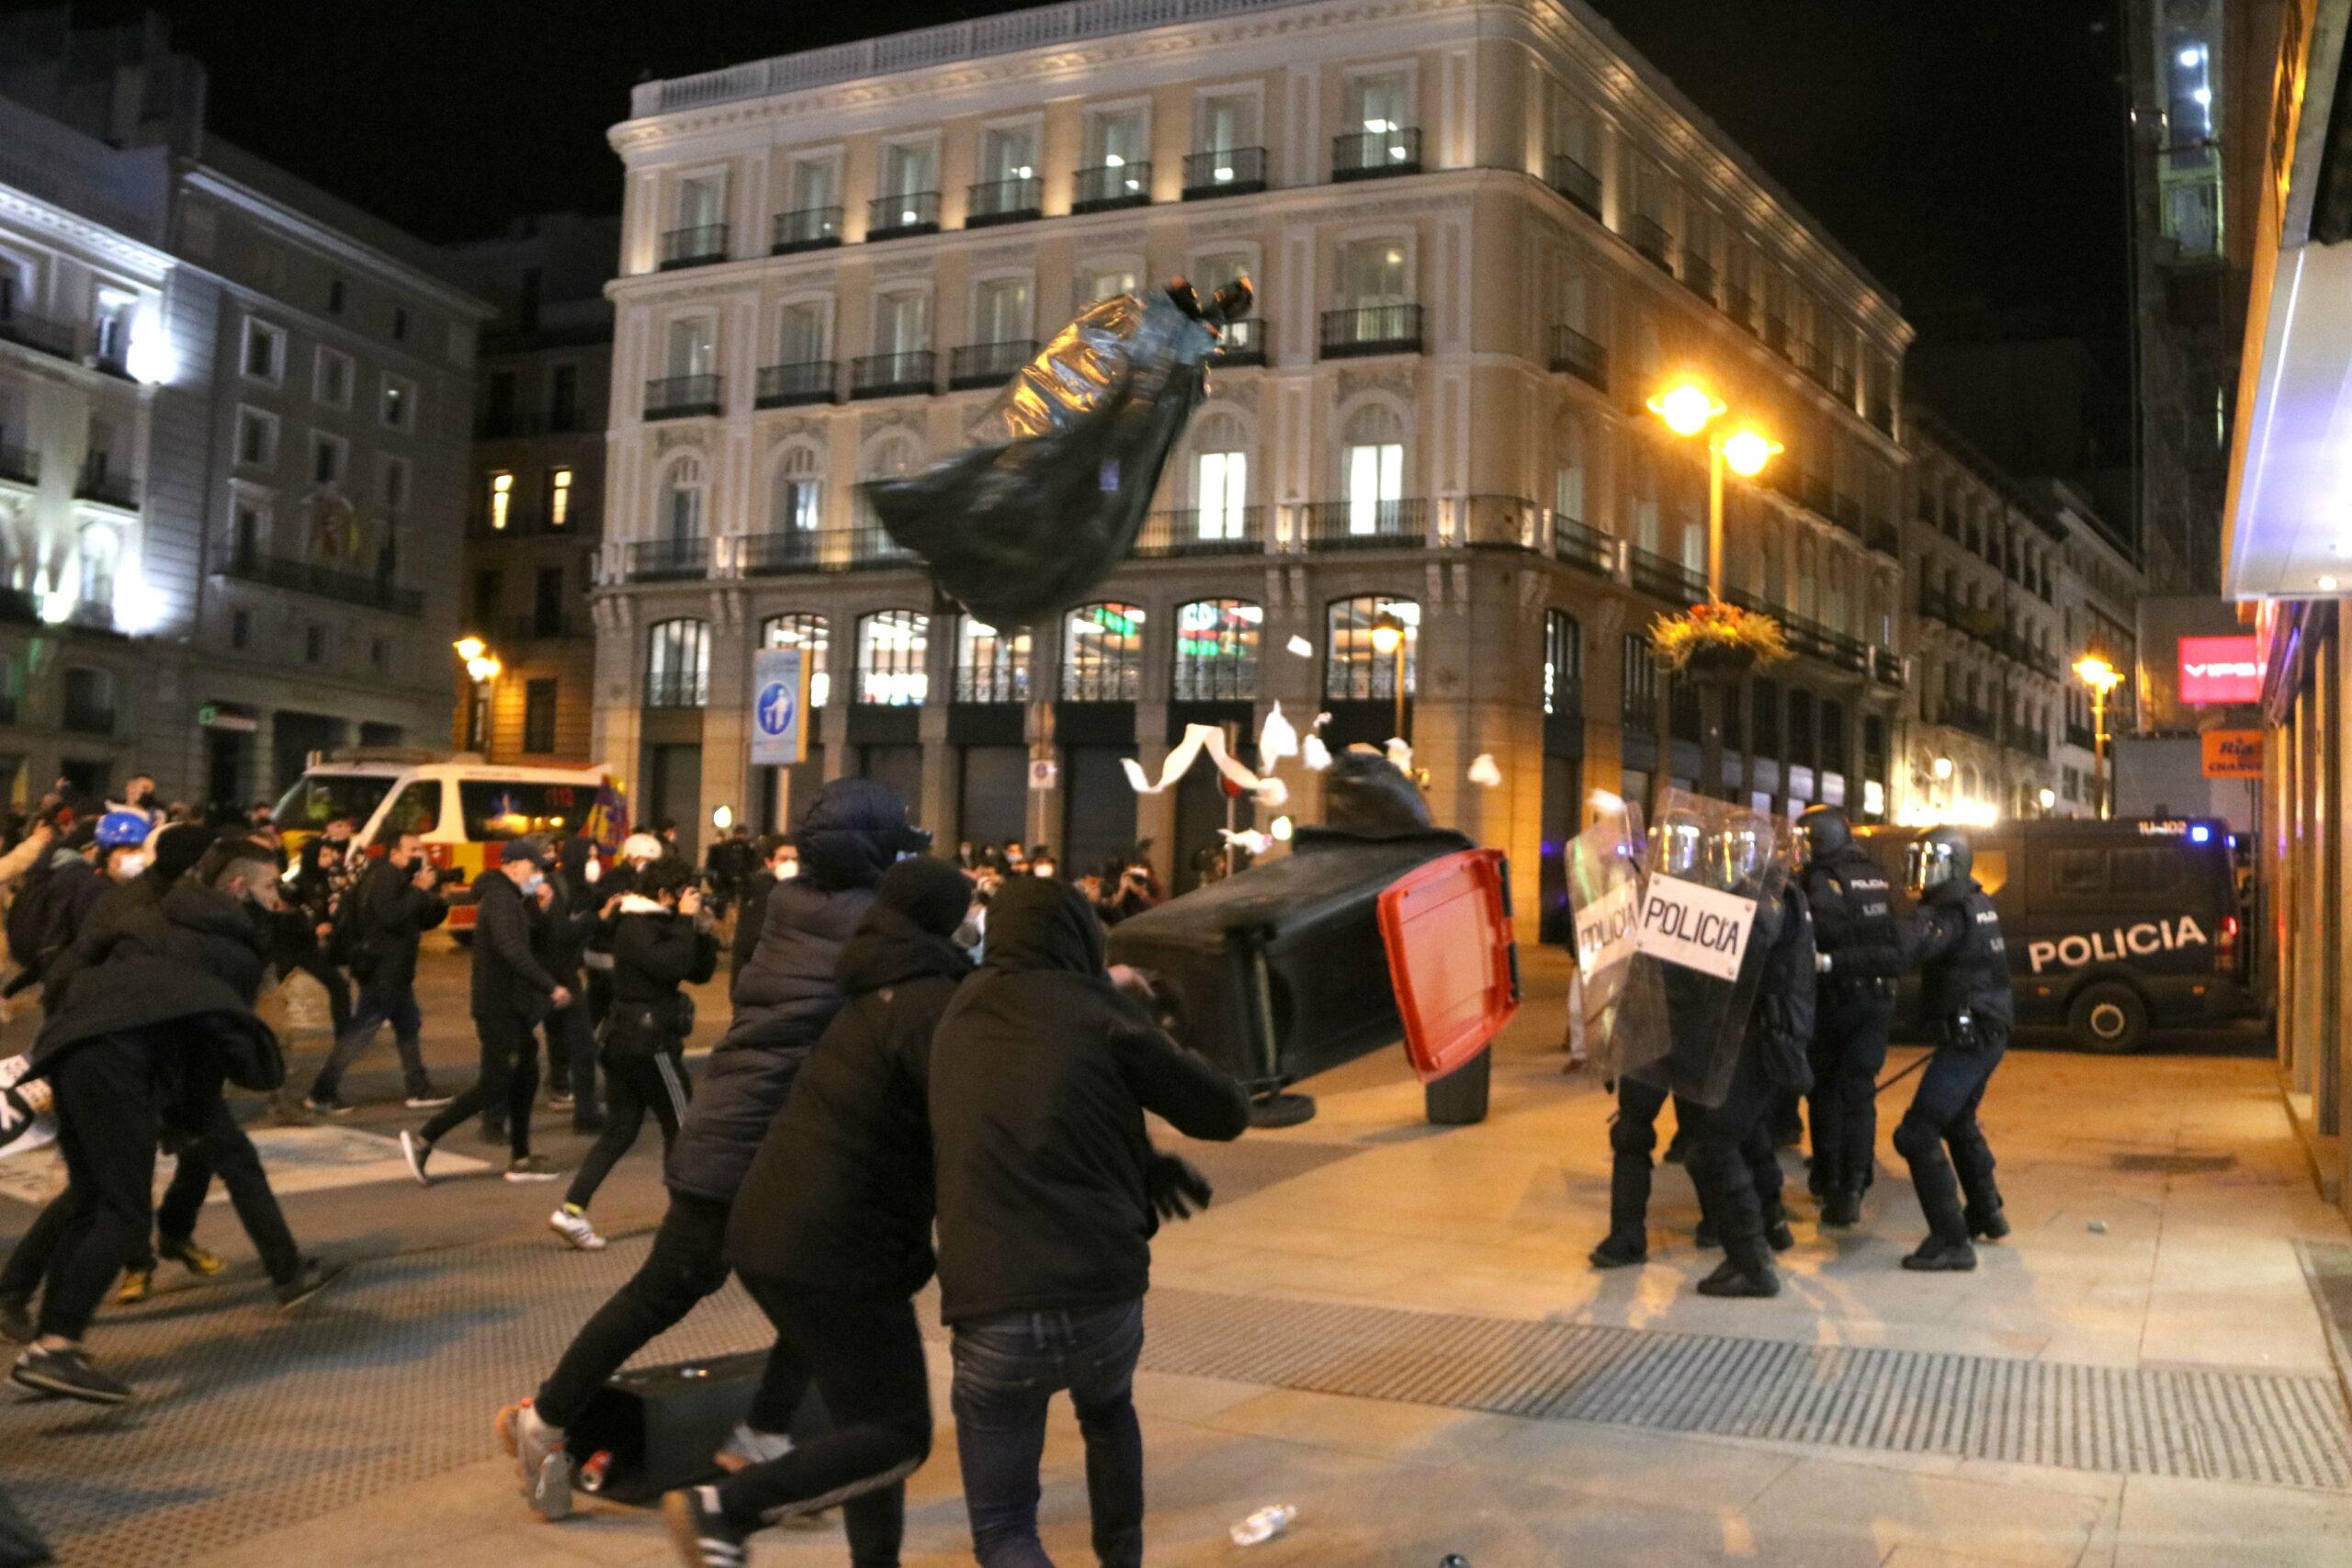 Un contenidor volant en els aldarulls a la Puerta del Sol de Madrid  (ACN)